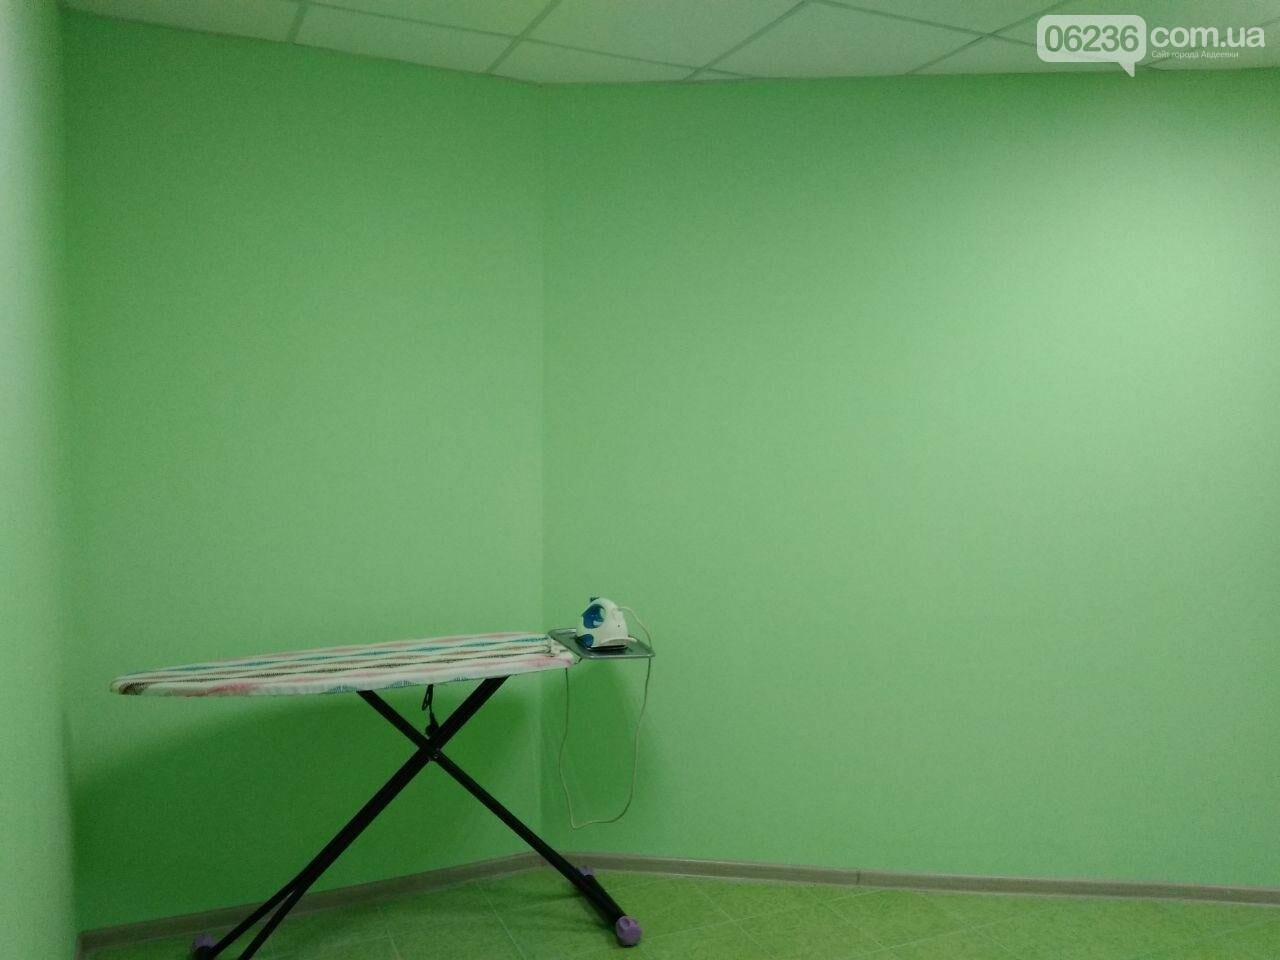 «Преобразим Авдеевку вместе!»: в центре реабилитации «Искорка» появилась современная санитарная комната (ФОТОФАКТ), фото-3